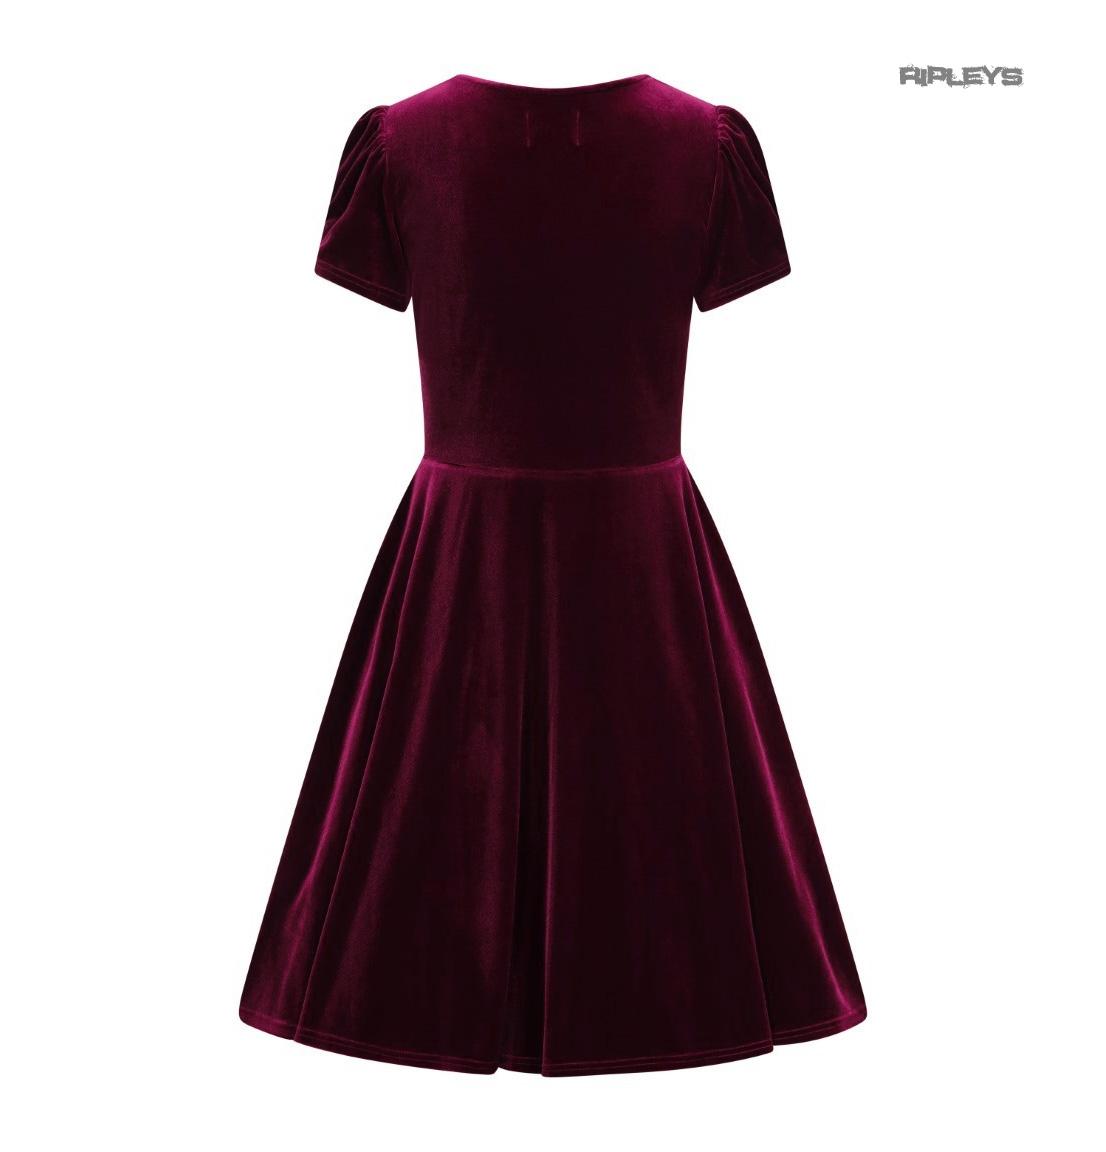 Hell-Bunny-40s-50s-Elegant-Pin-Up-Dress-JOANNE-Crushed-Velvet-Burgundy-All-Sizes thumbnail 48